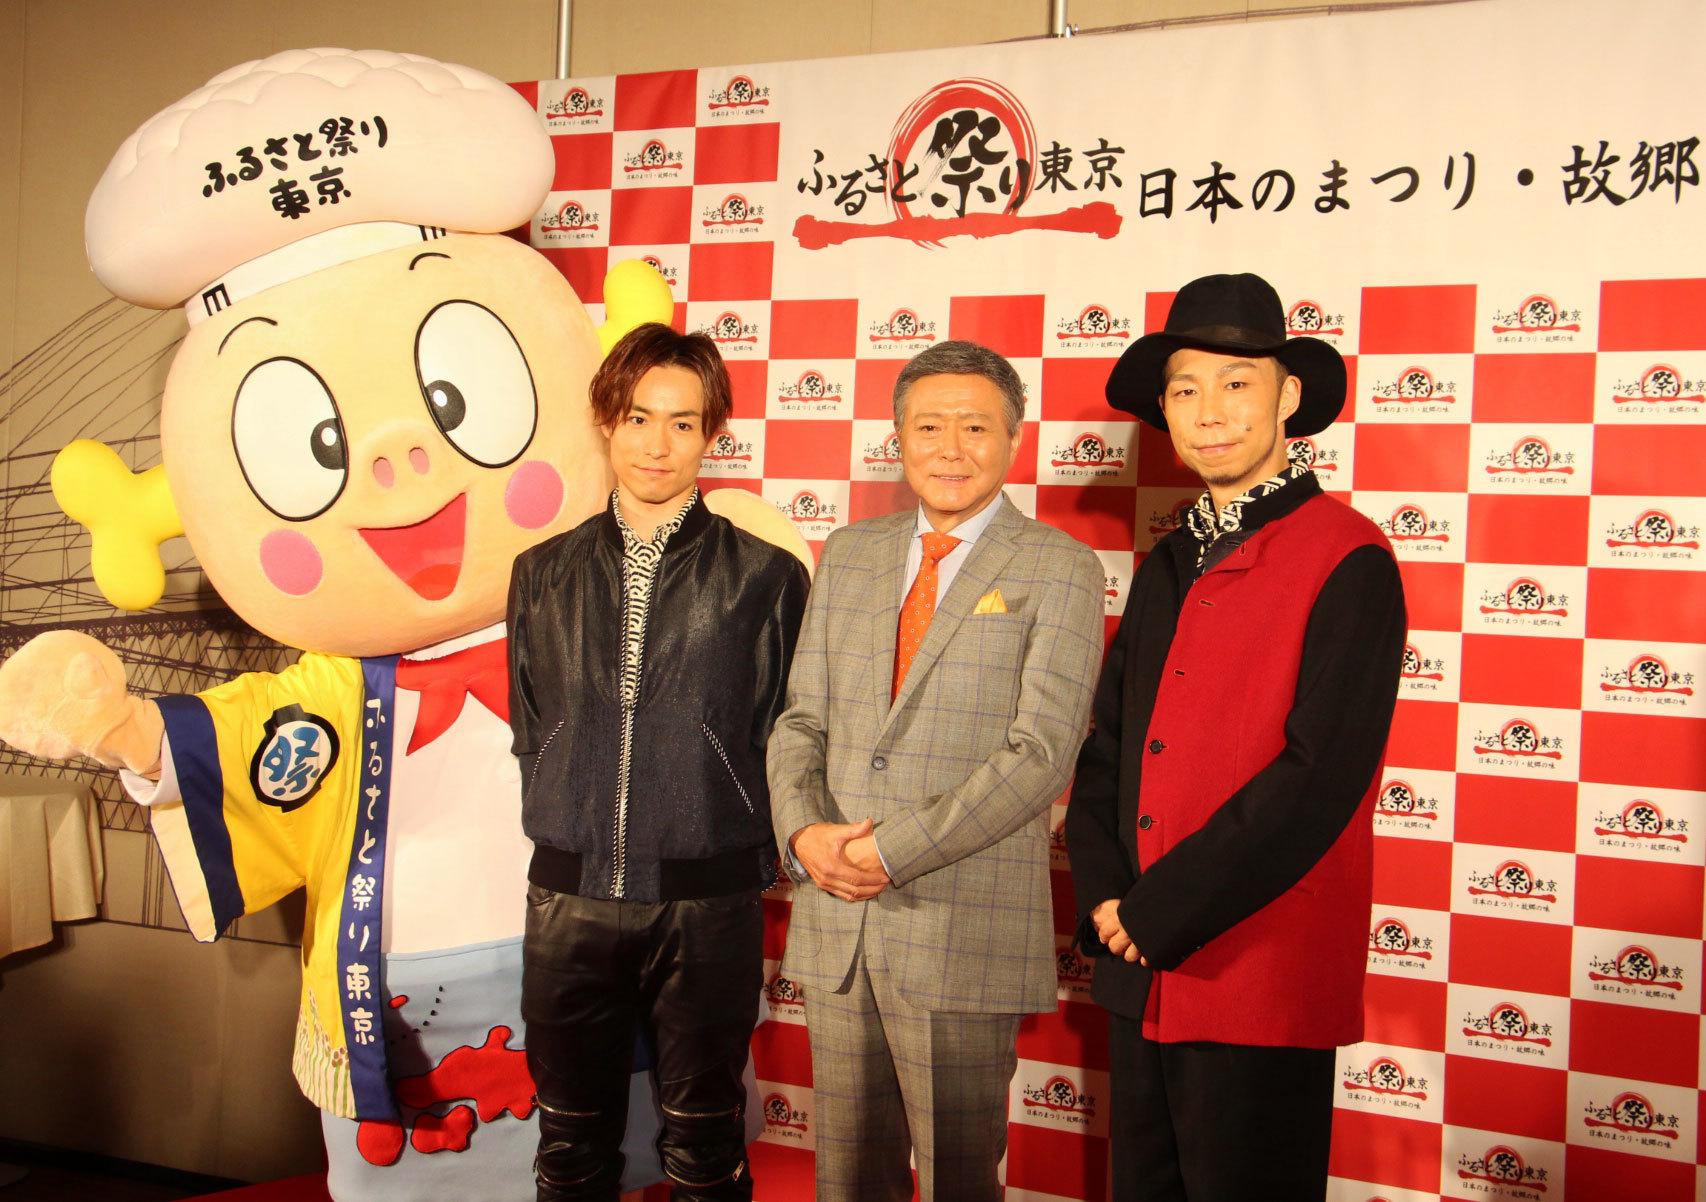 左から EXILE TETSUYA、小倉智昭、EXILE ÜSA  『ふるさと祭り東京2016-日本のまつり・故郷の味-』記者発表